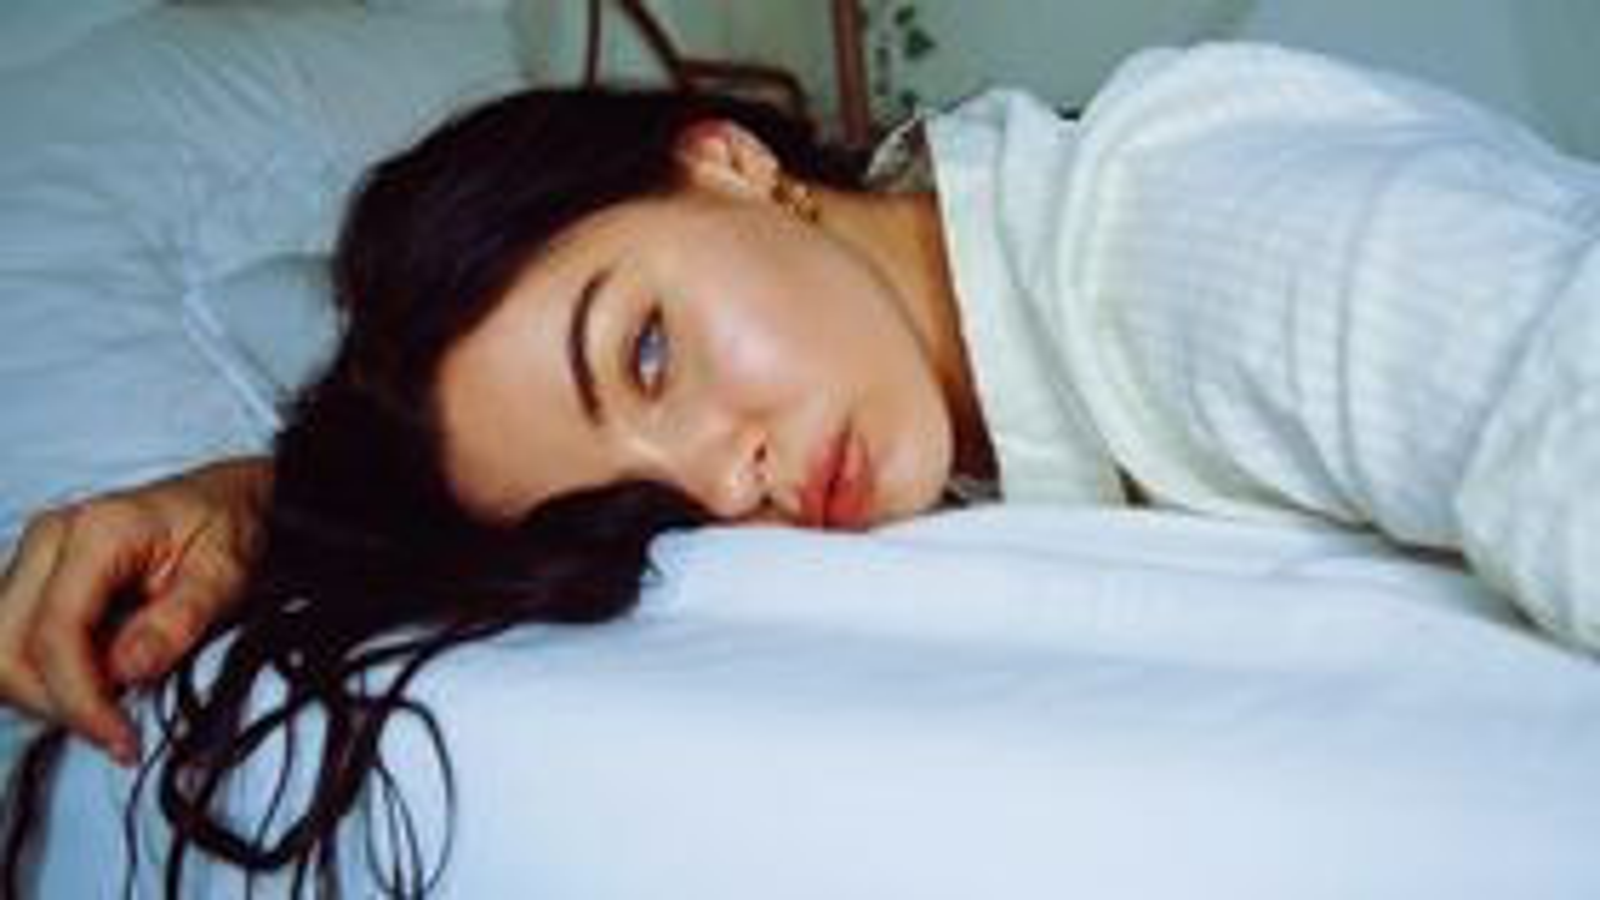 Winterkosmetik: Overnight-Produkte für schöne Haut im Schlaf